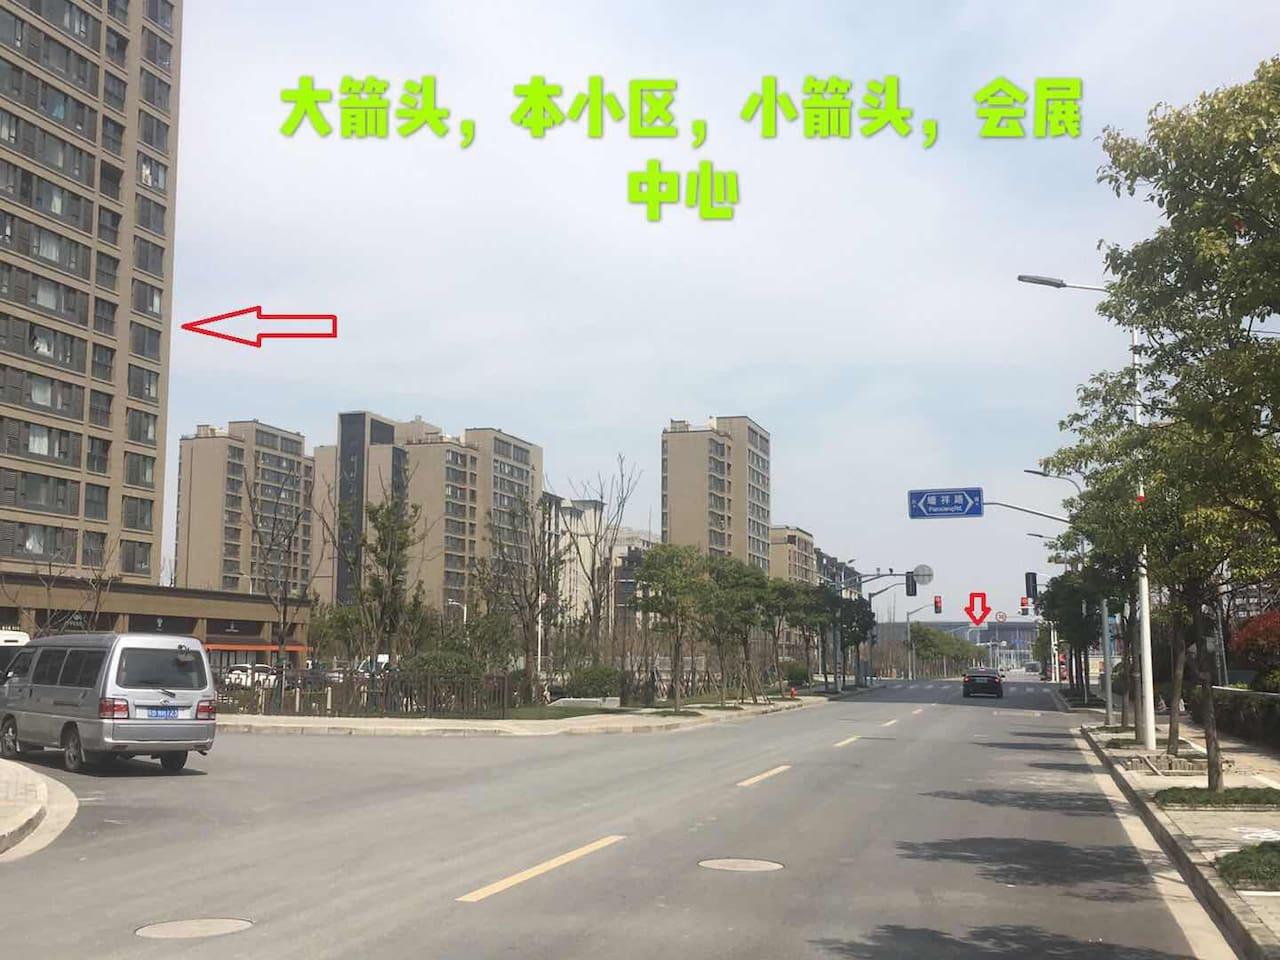 小区距离会展中心,2号线地铁 6号口两个红绿灯,步行5-10分钟